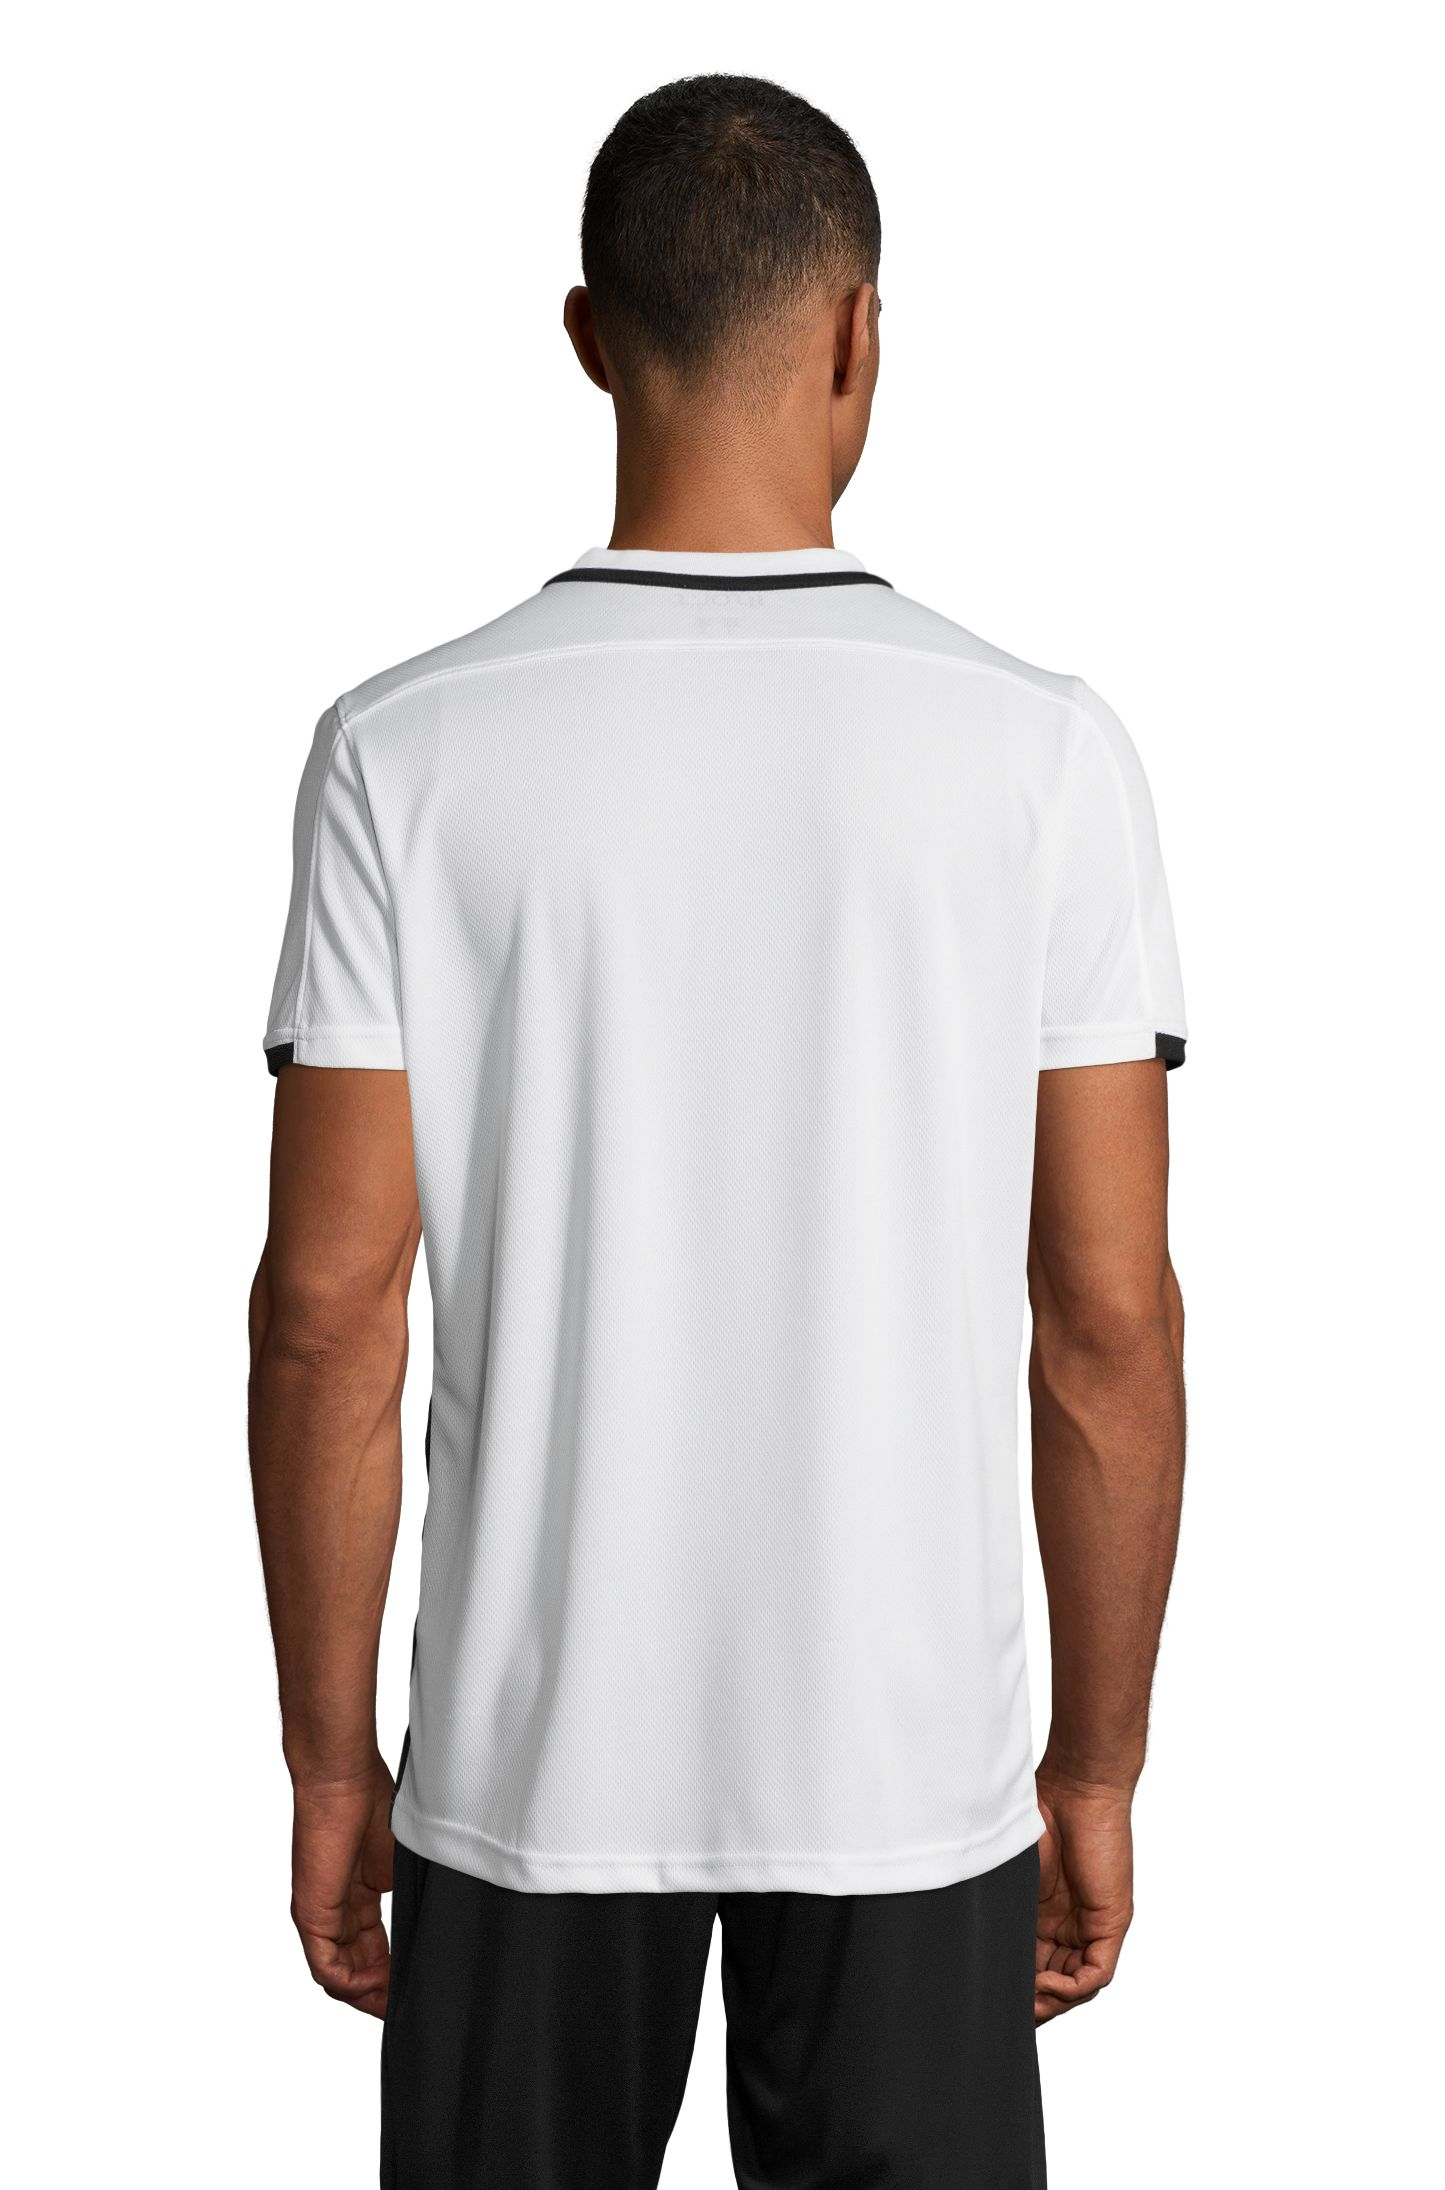 906 - Blanc / Noir